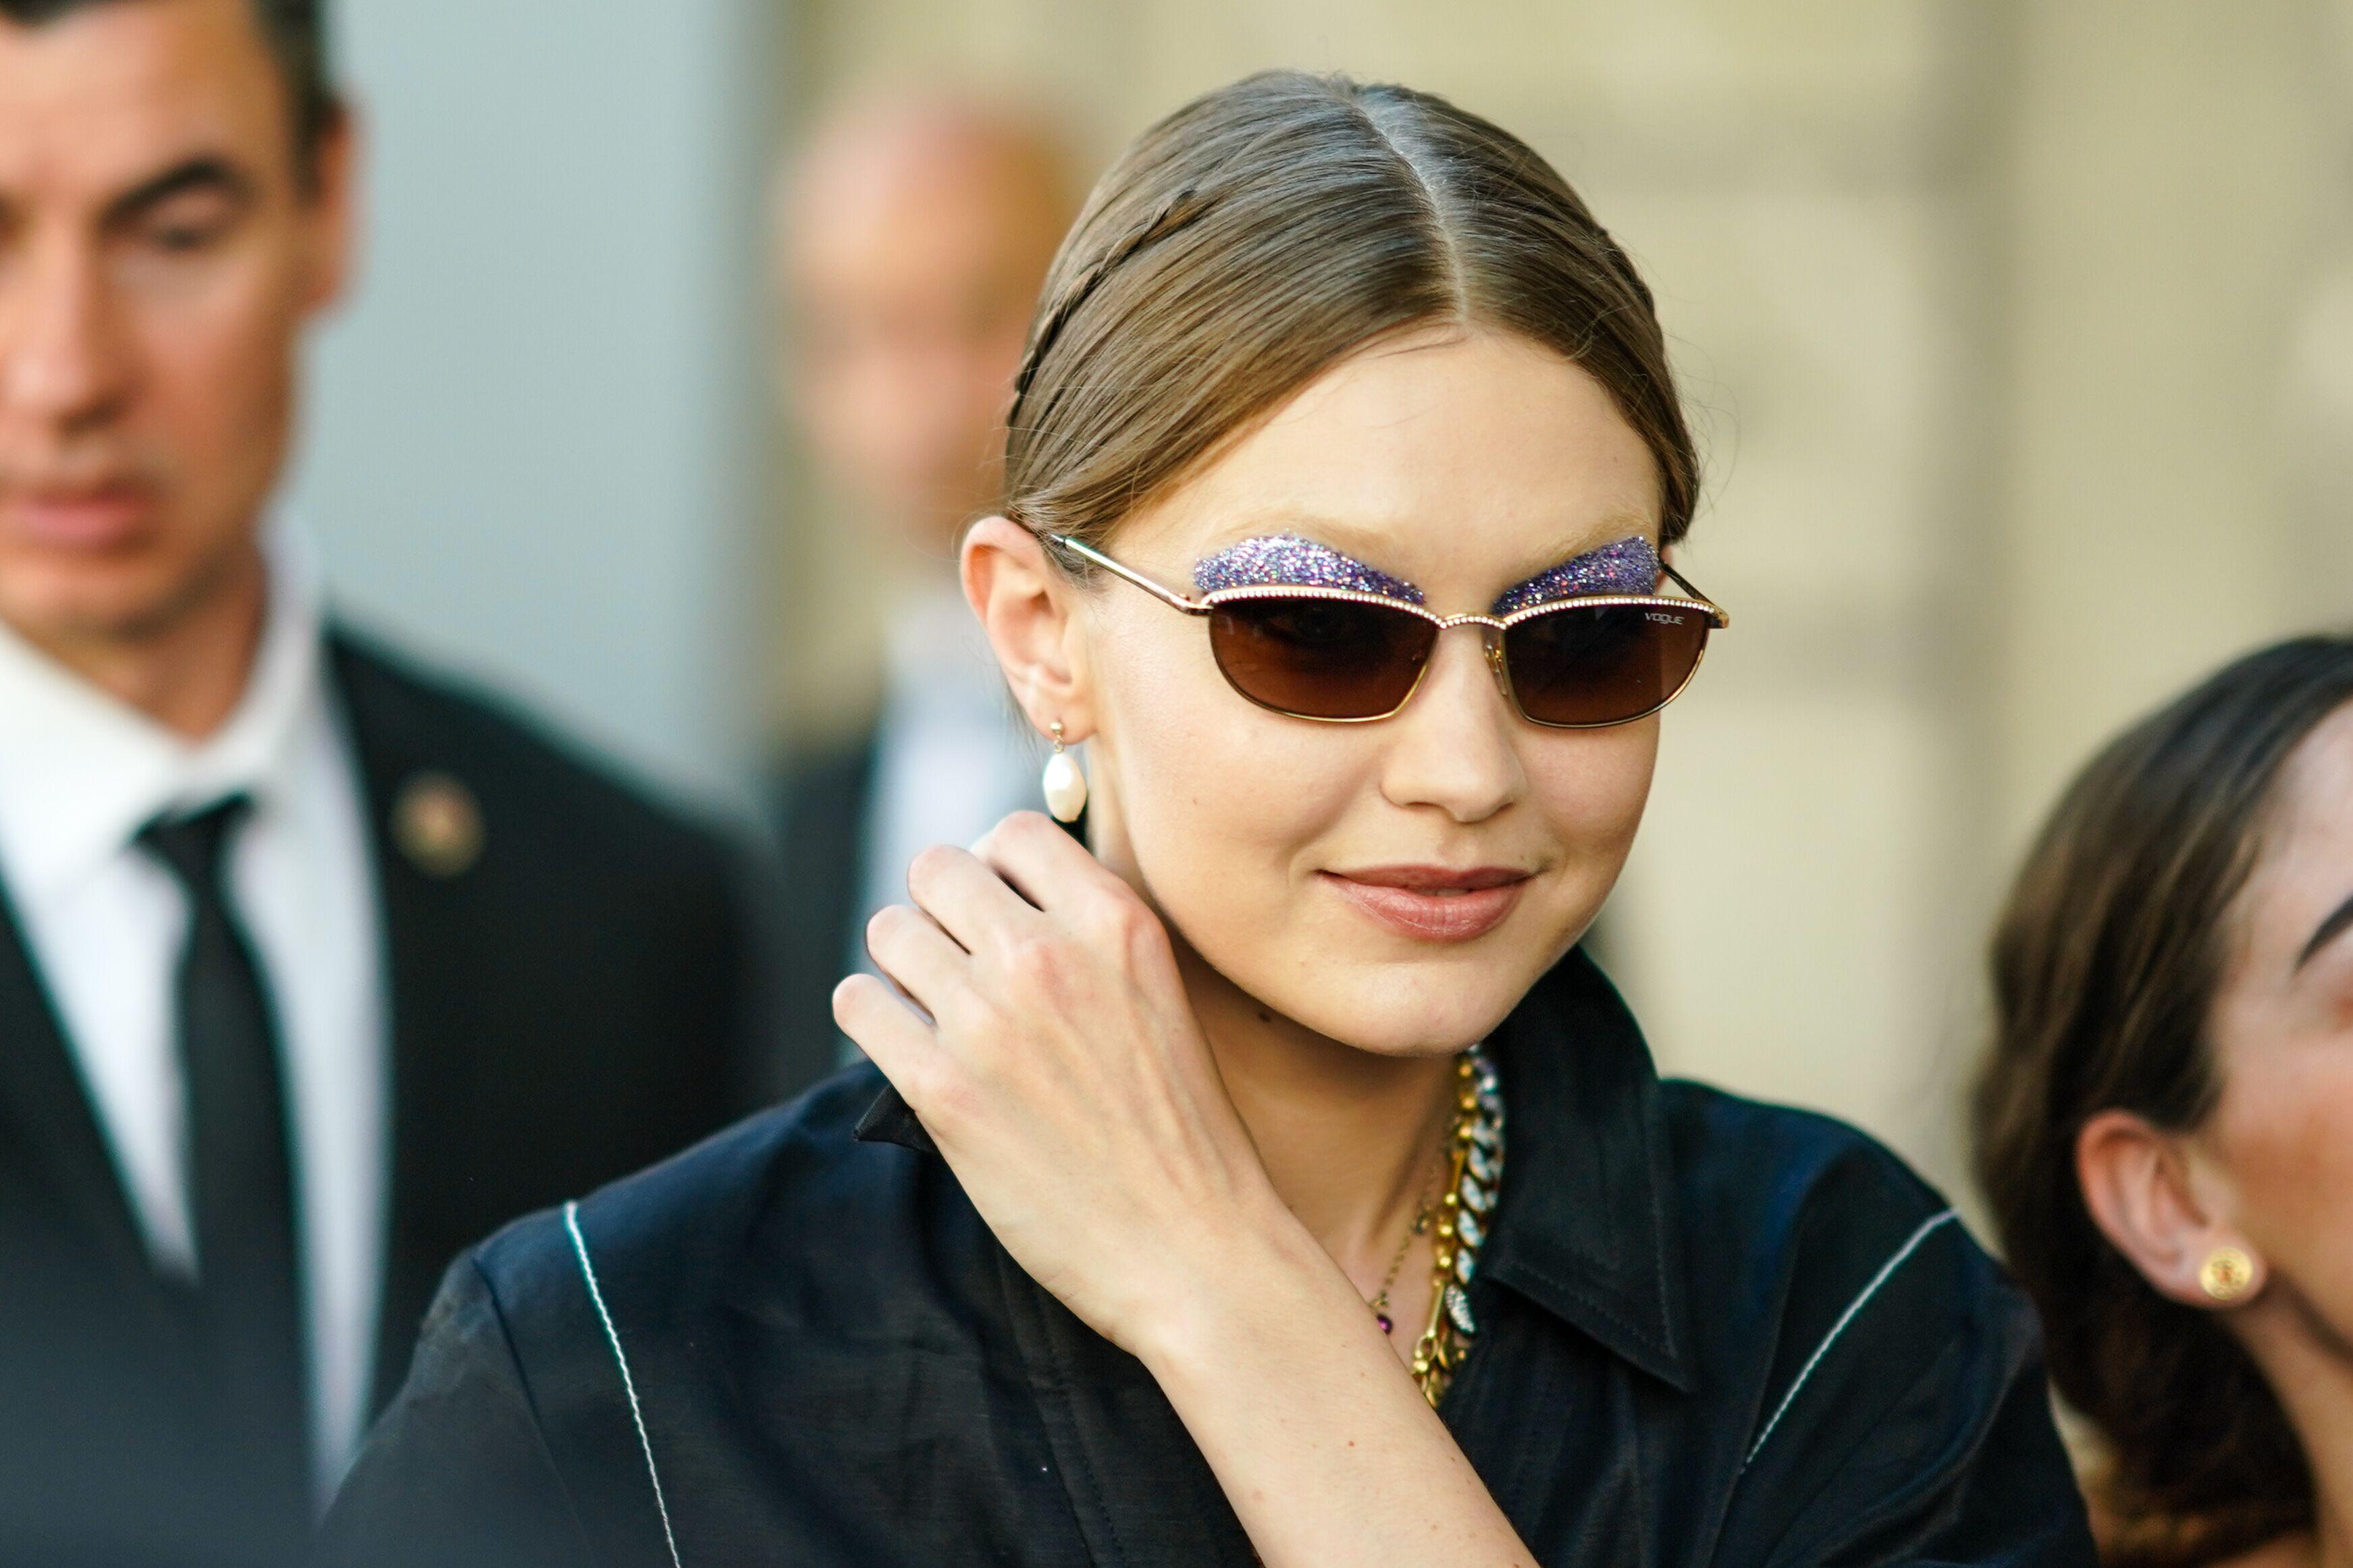 Quelles lunettes de soleil choisir cet été ? Voici